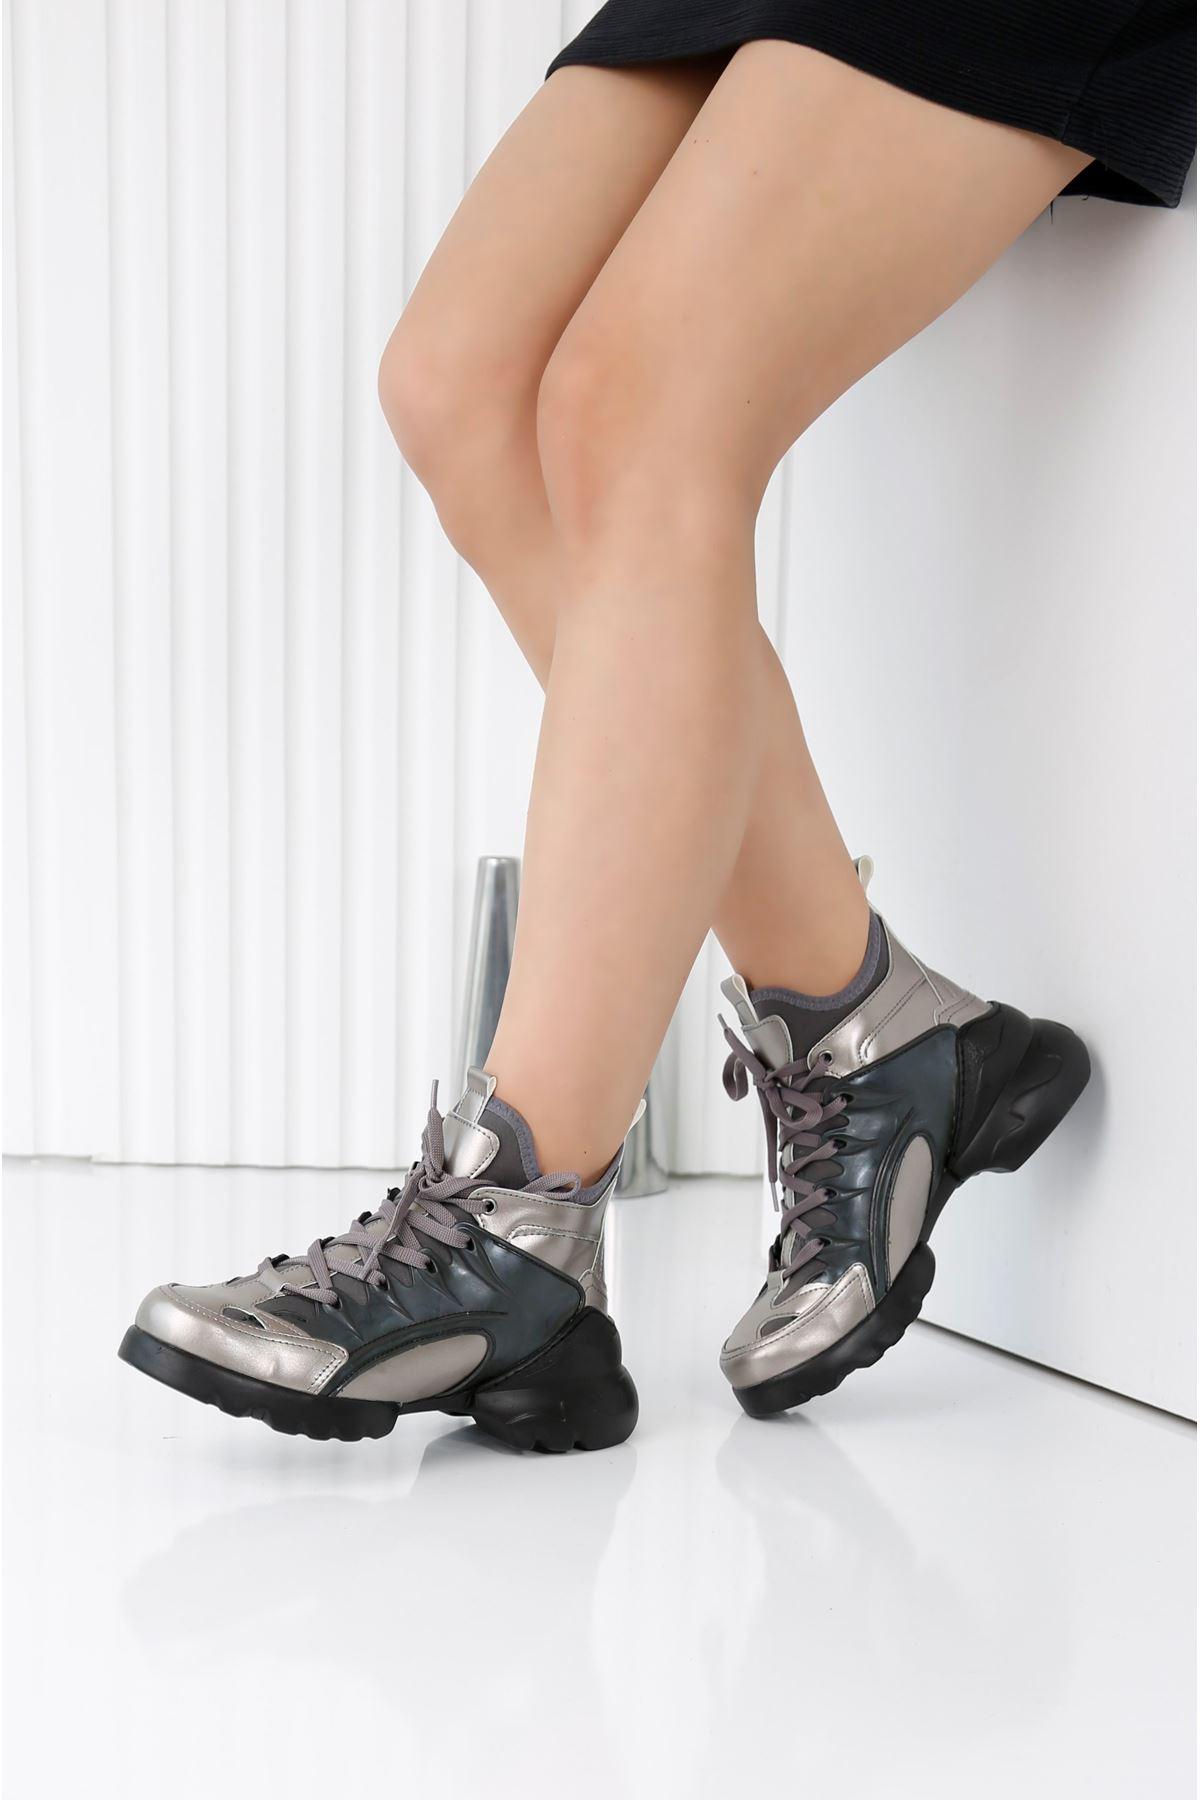 HERA Antrasit Kadın Spor Ayakkabı